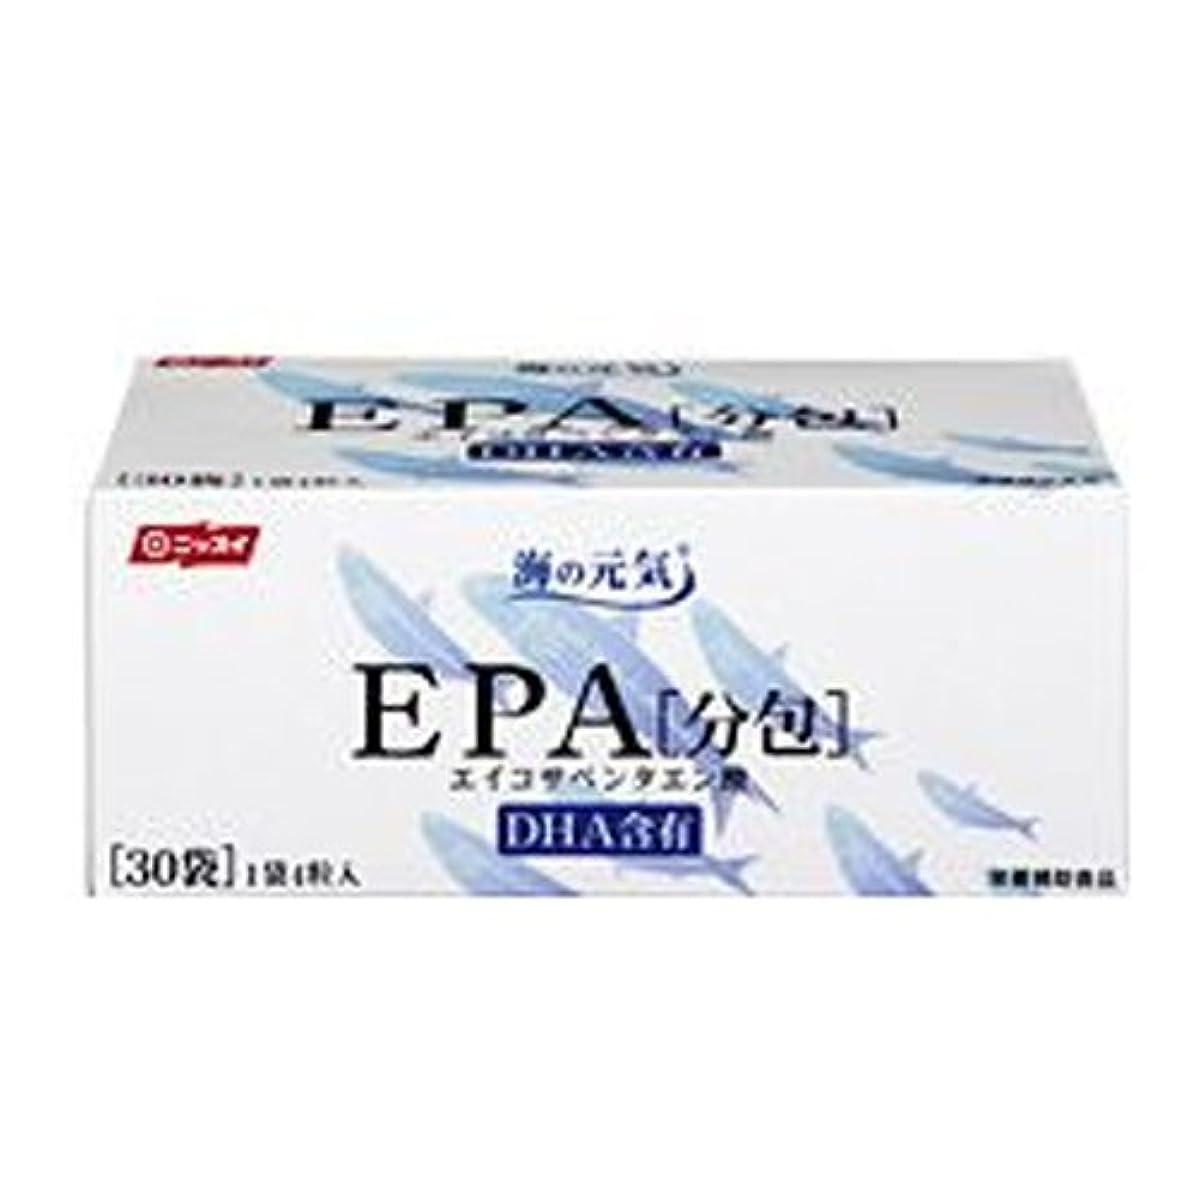 活気づく茎私たちニッスイ 海の元気 EPA 分包30包 EPA サプリメント(DHA含有)